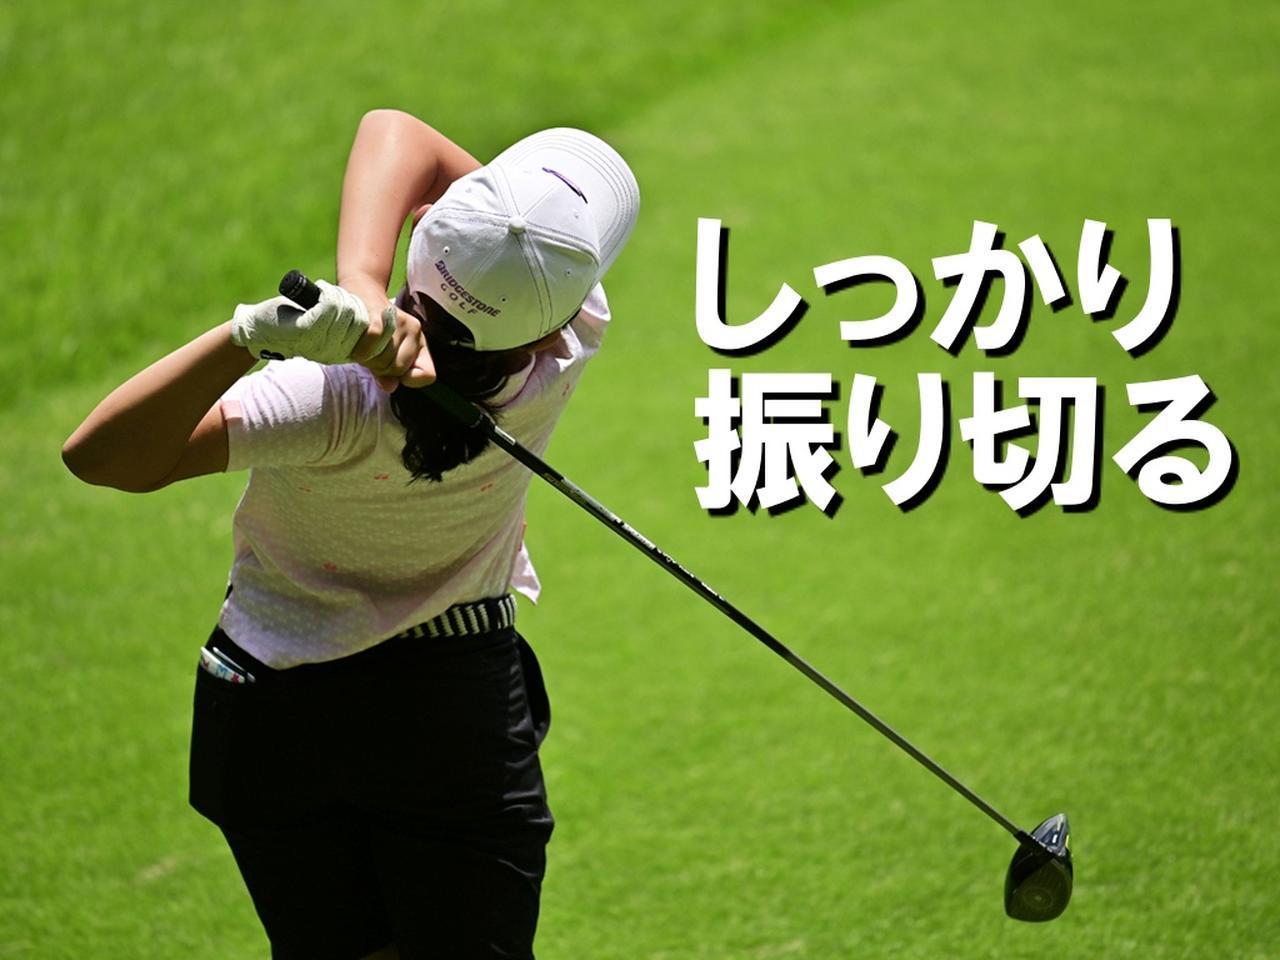 画像: 一般ゴルファーにはローテーションが多いスウィングが合う